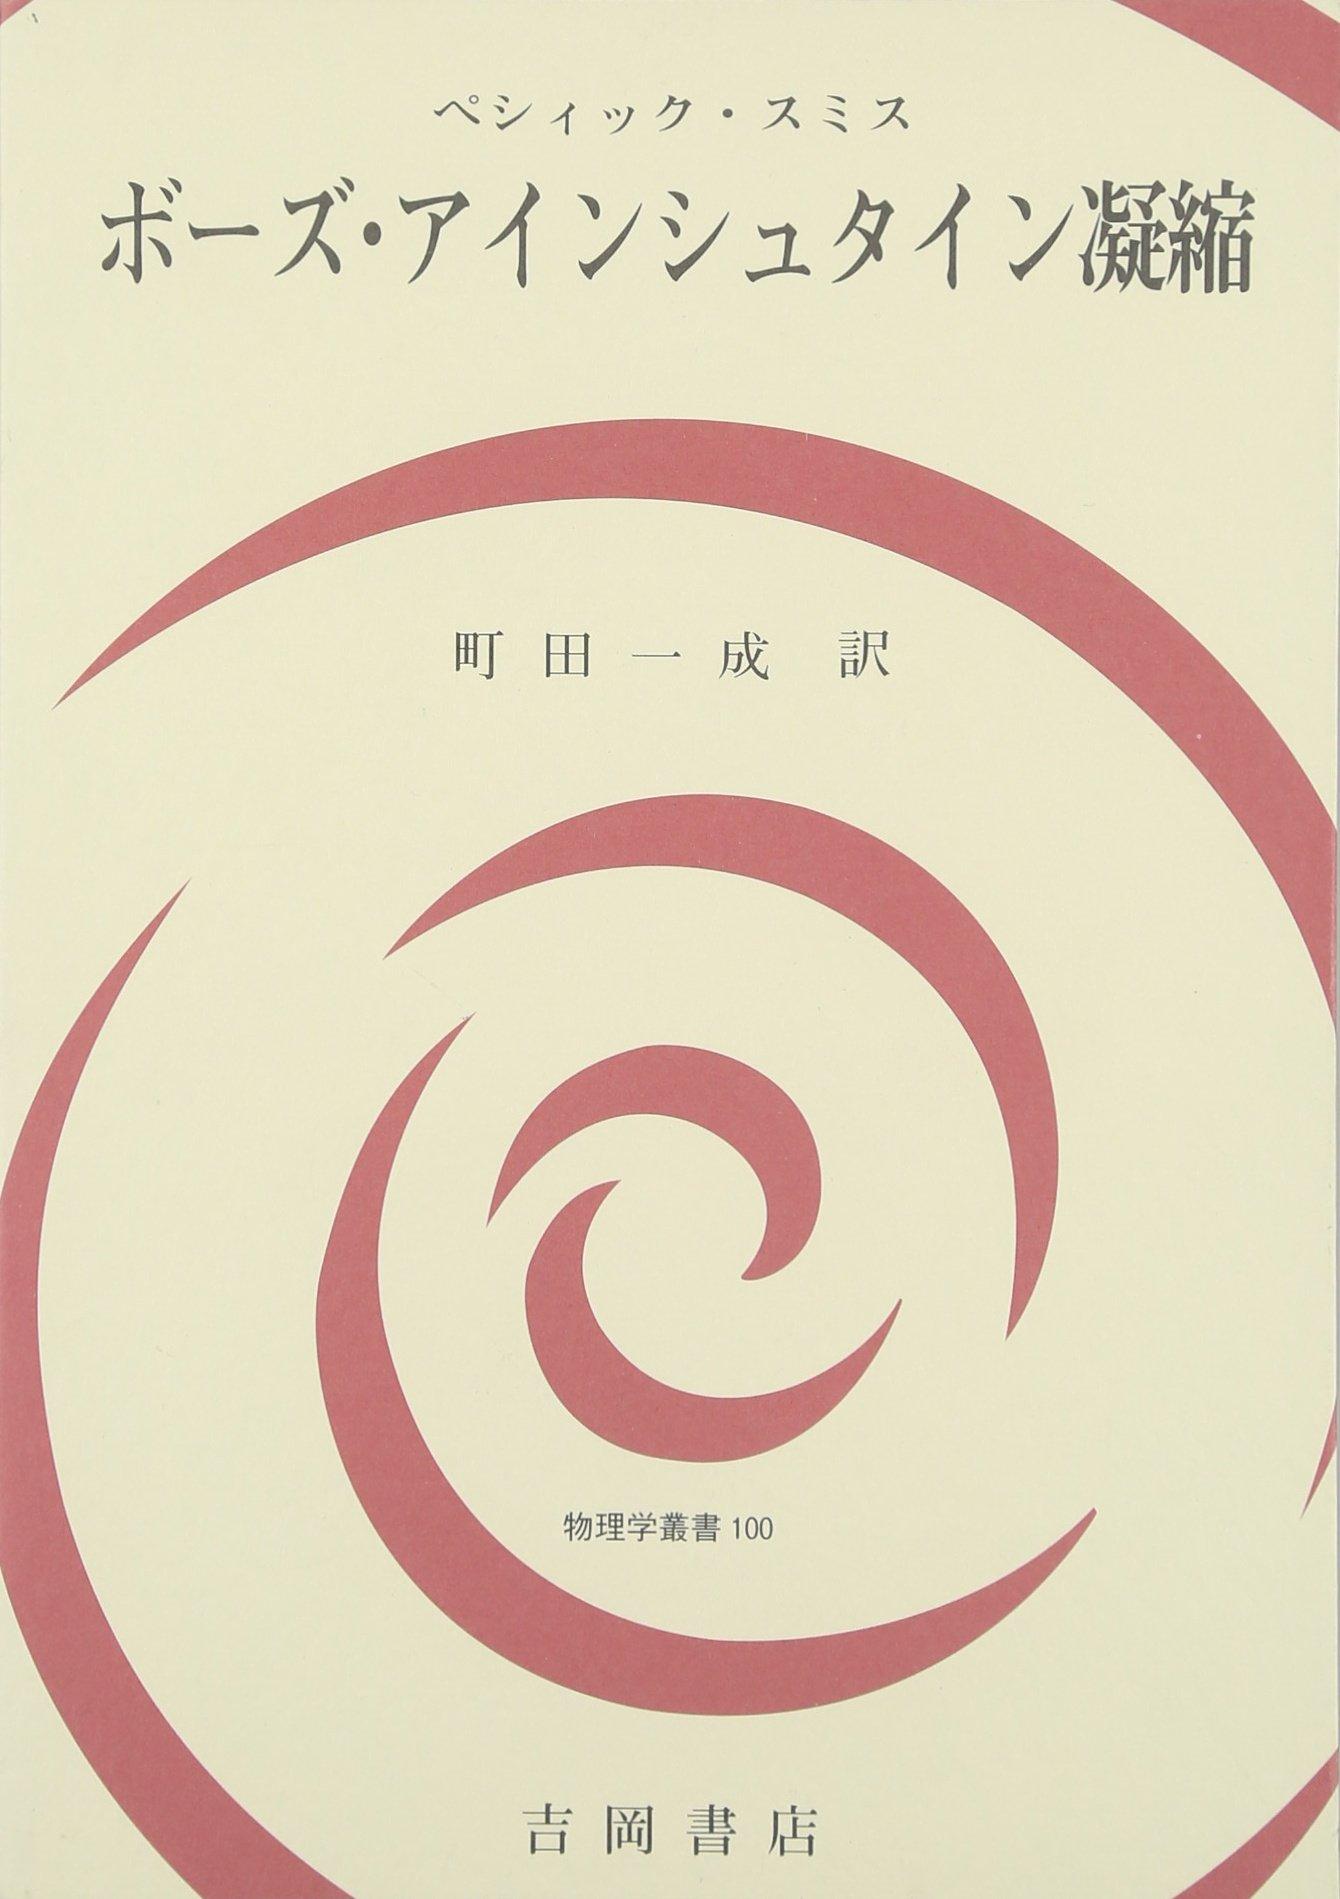 ボーズ・アインシュタイン凝縮 (物理学叢書) | ペシィック, スミス ...